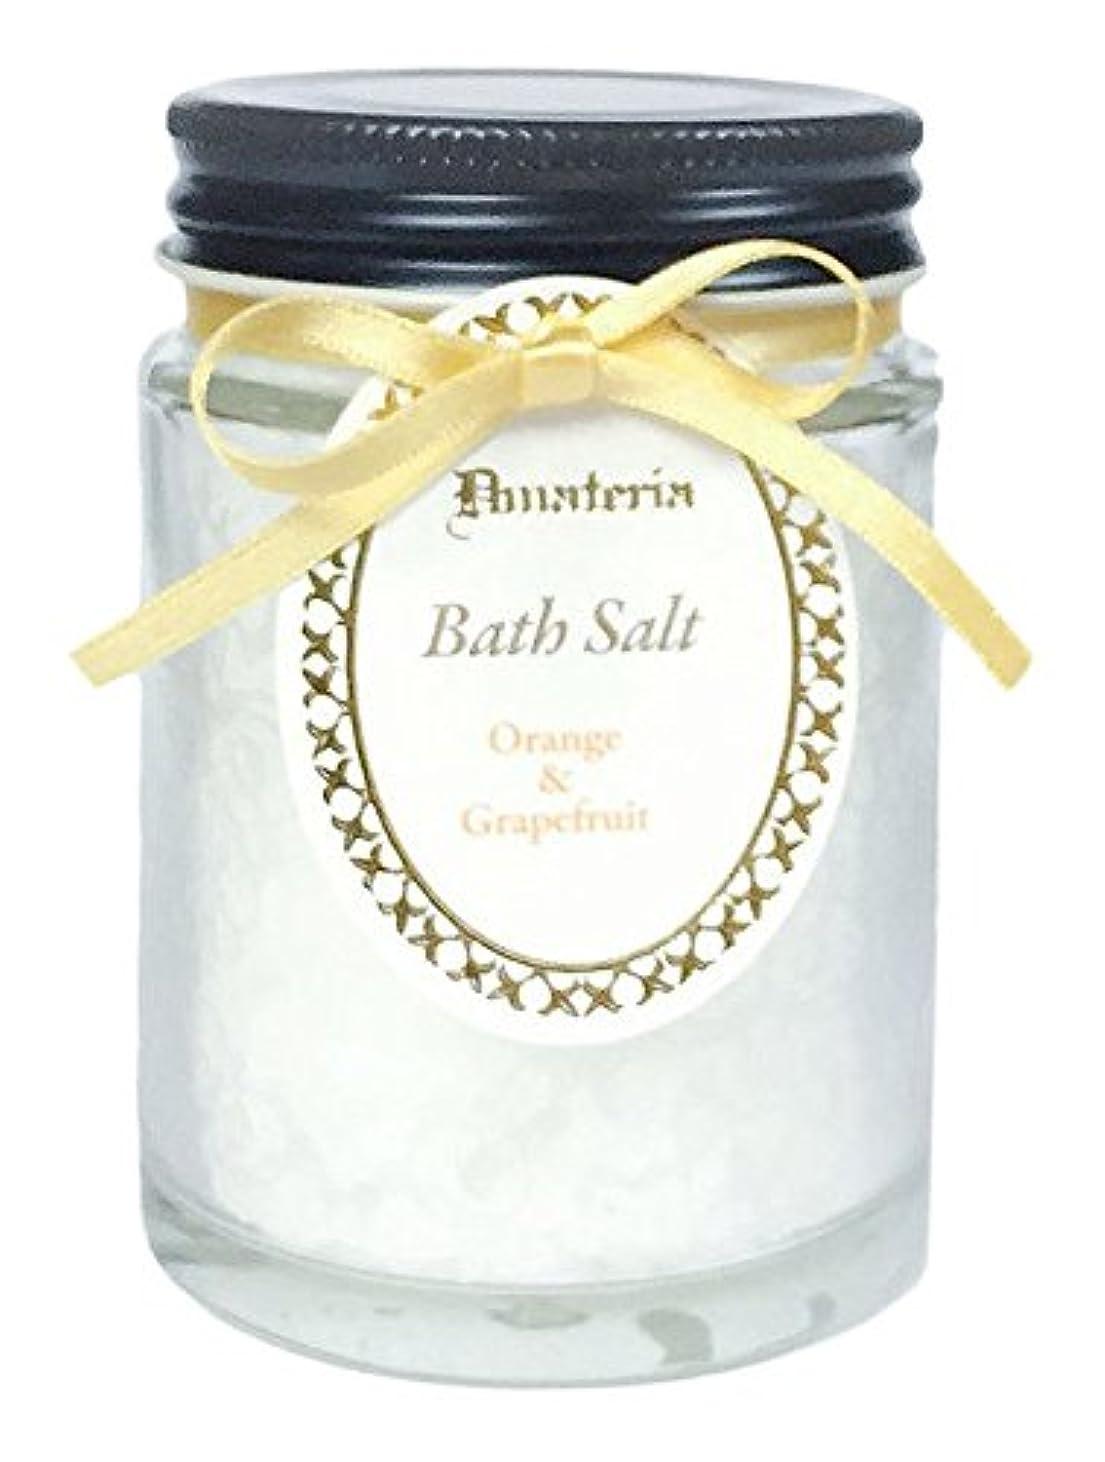 魔女送った署名D materia バスソルト オレンジ&グレープフルーツ Orange&Grapefruit Bath Salt ディーマテリア